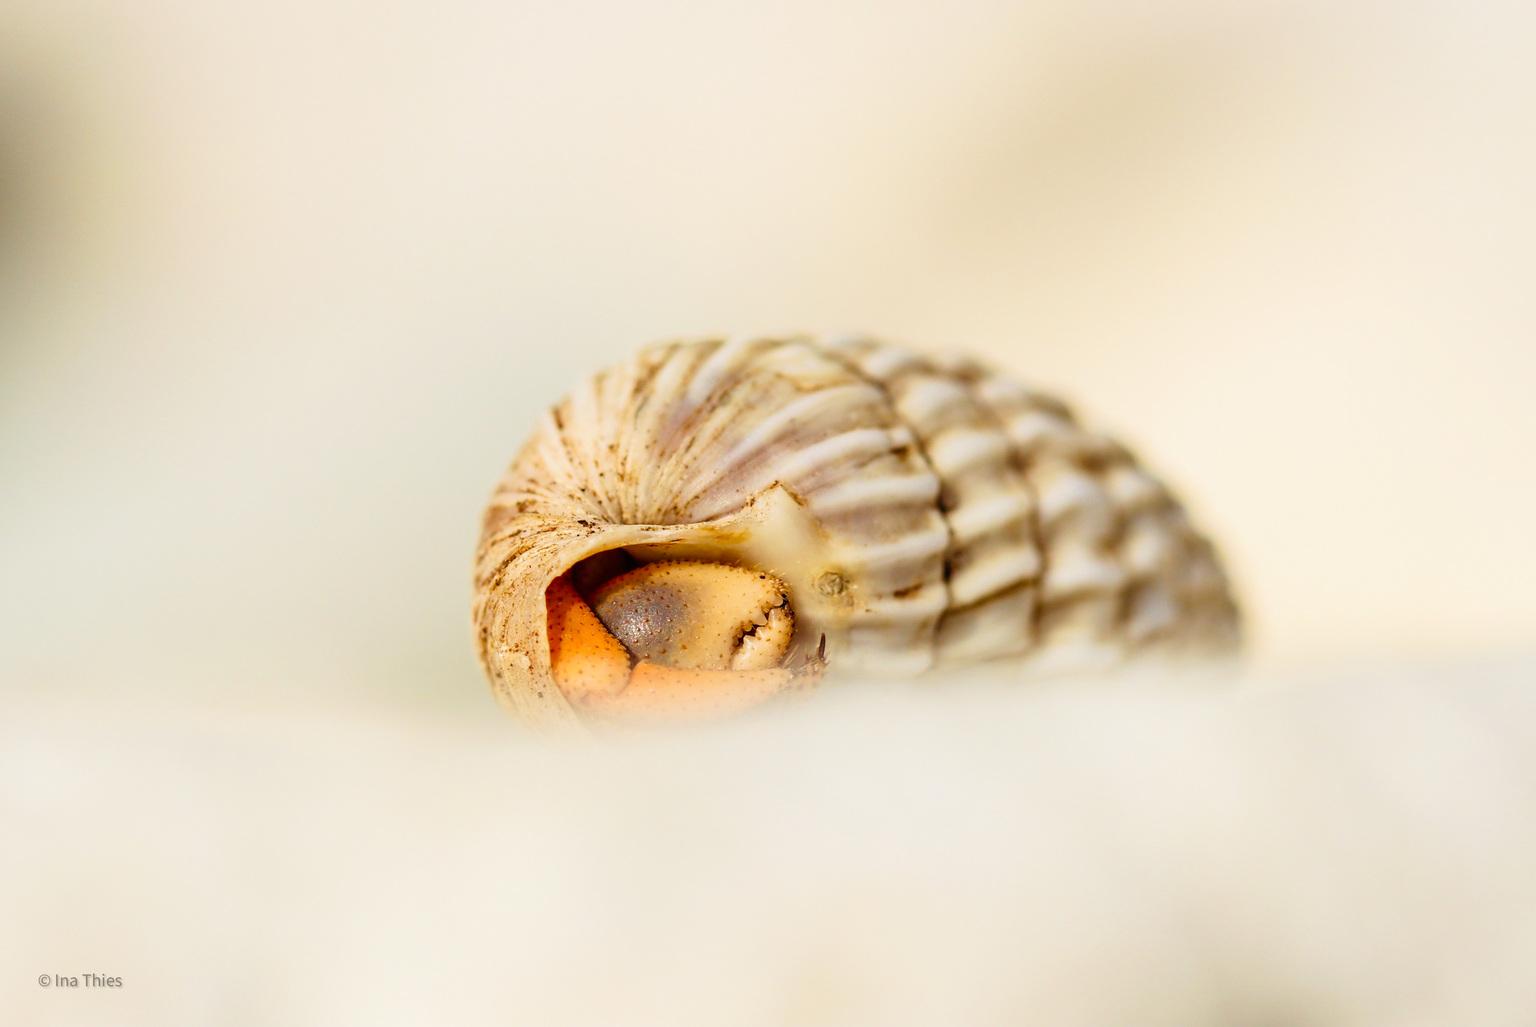 Heremietkreeftje. - Heremietkreeftje  - foto door Inathies op 15-04-2021 - locatie: Bonaire, Caribisch Nederland - deze foto bevat: oog, menselijk lichaam, hout, shell, terrestrische dieren, natuurlijk materiaal, spiraal, nagel, snuit, slakken en naaktslakken